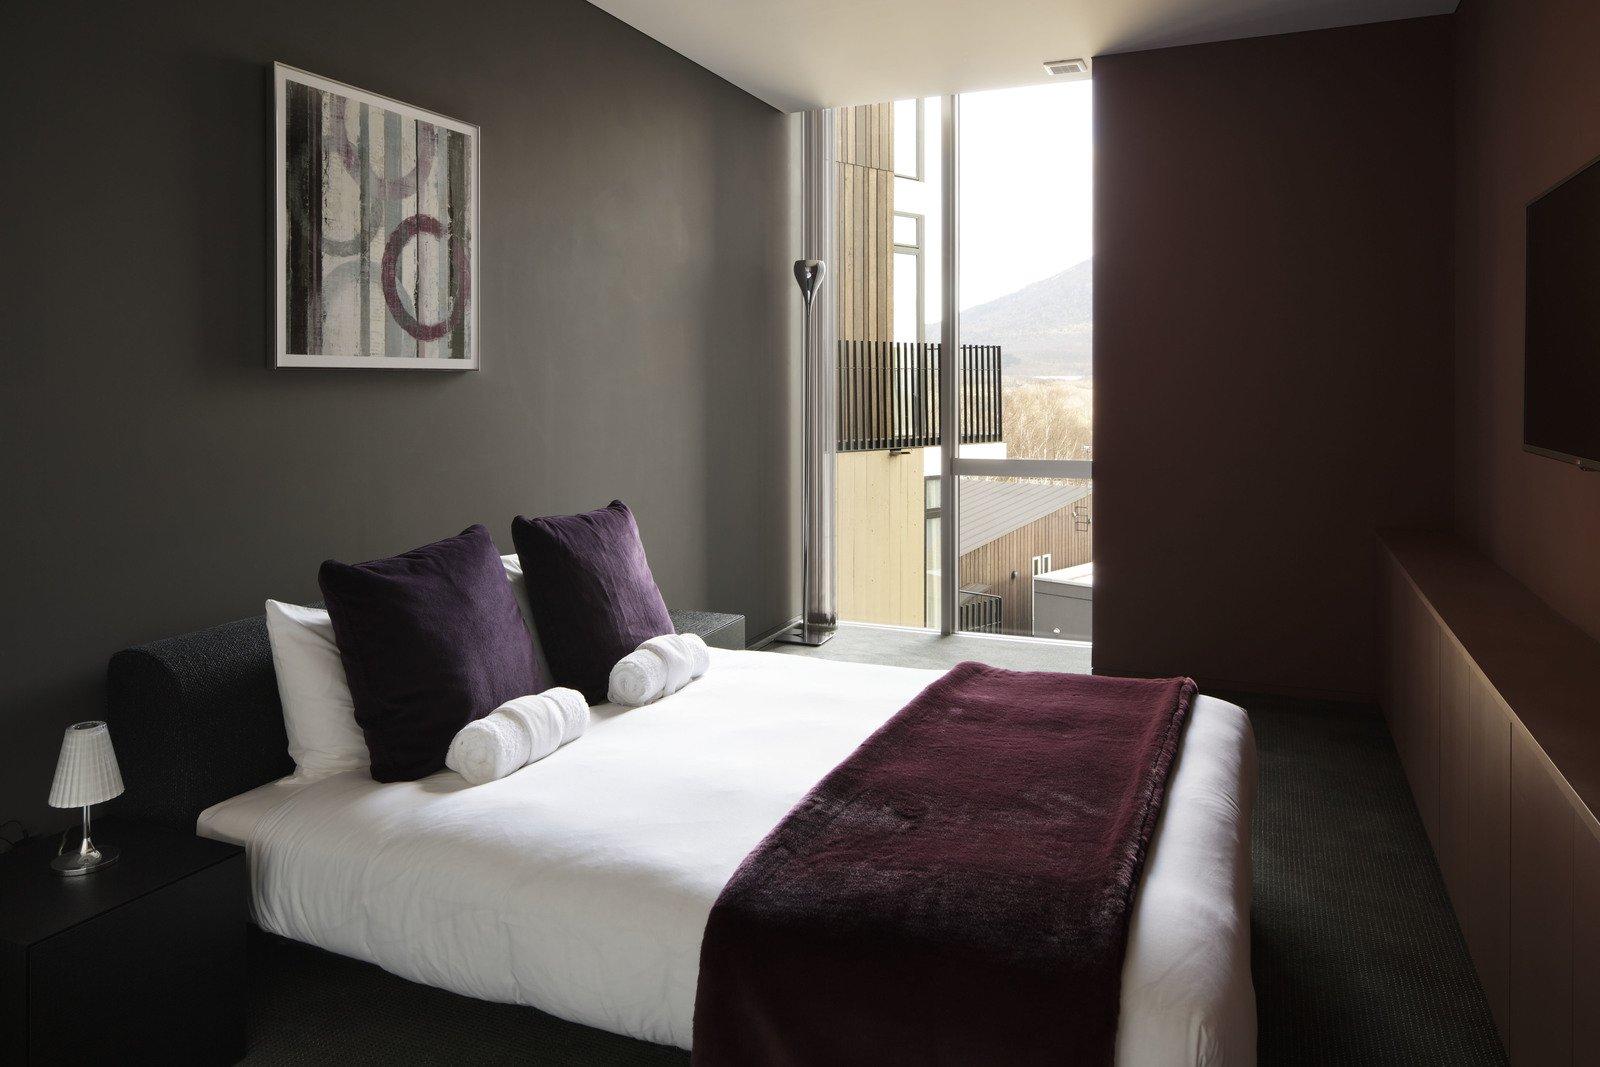 Terrazze 201 alpine master bedroom large